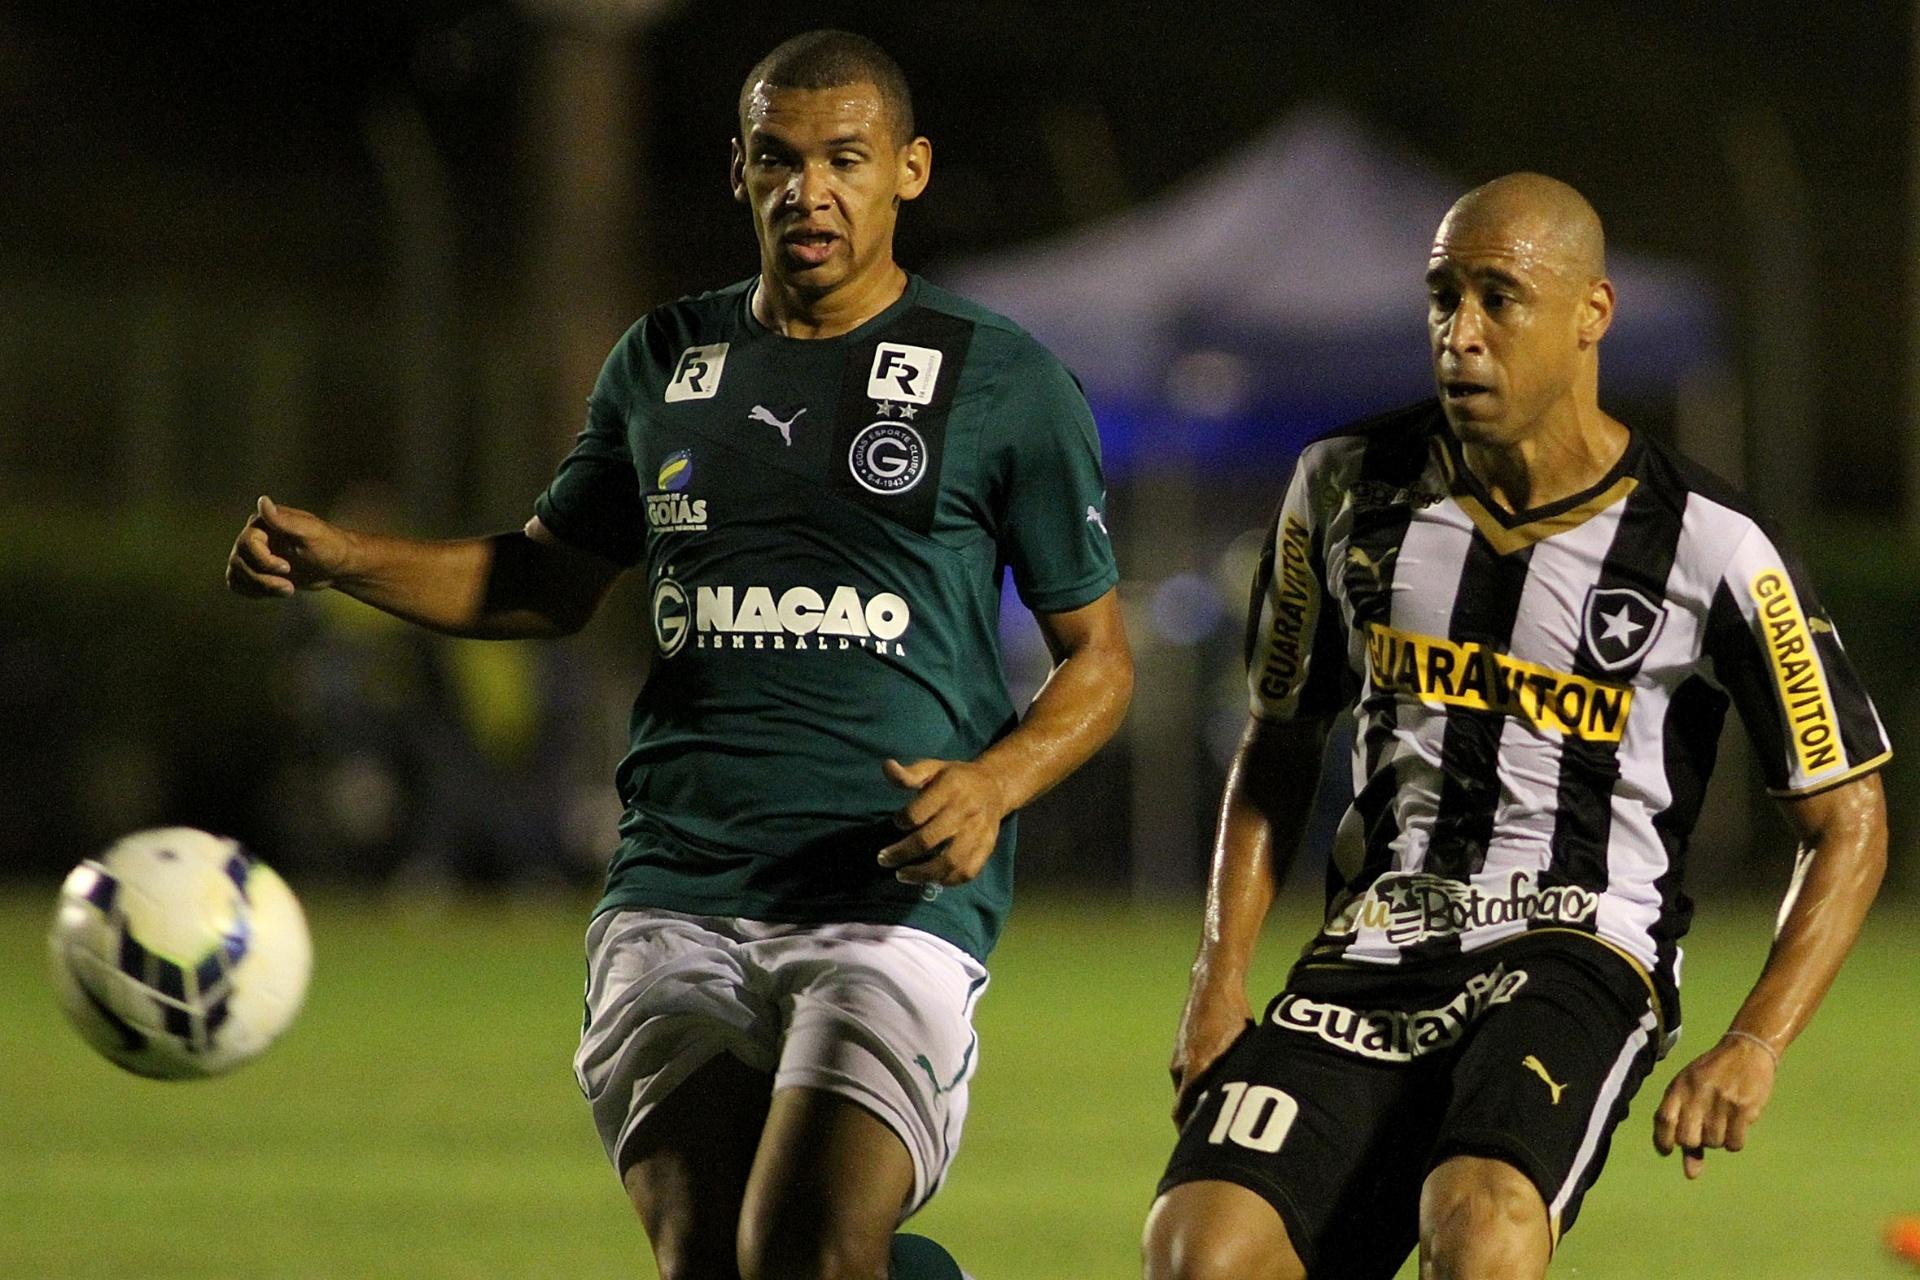 Vitória anuncia contratação de Jorge Wágner 0d6dc9065d3f9